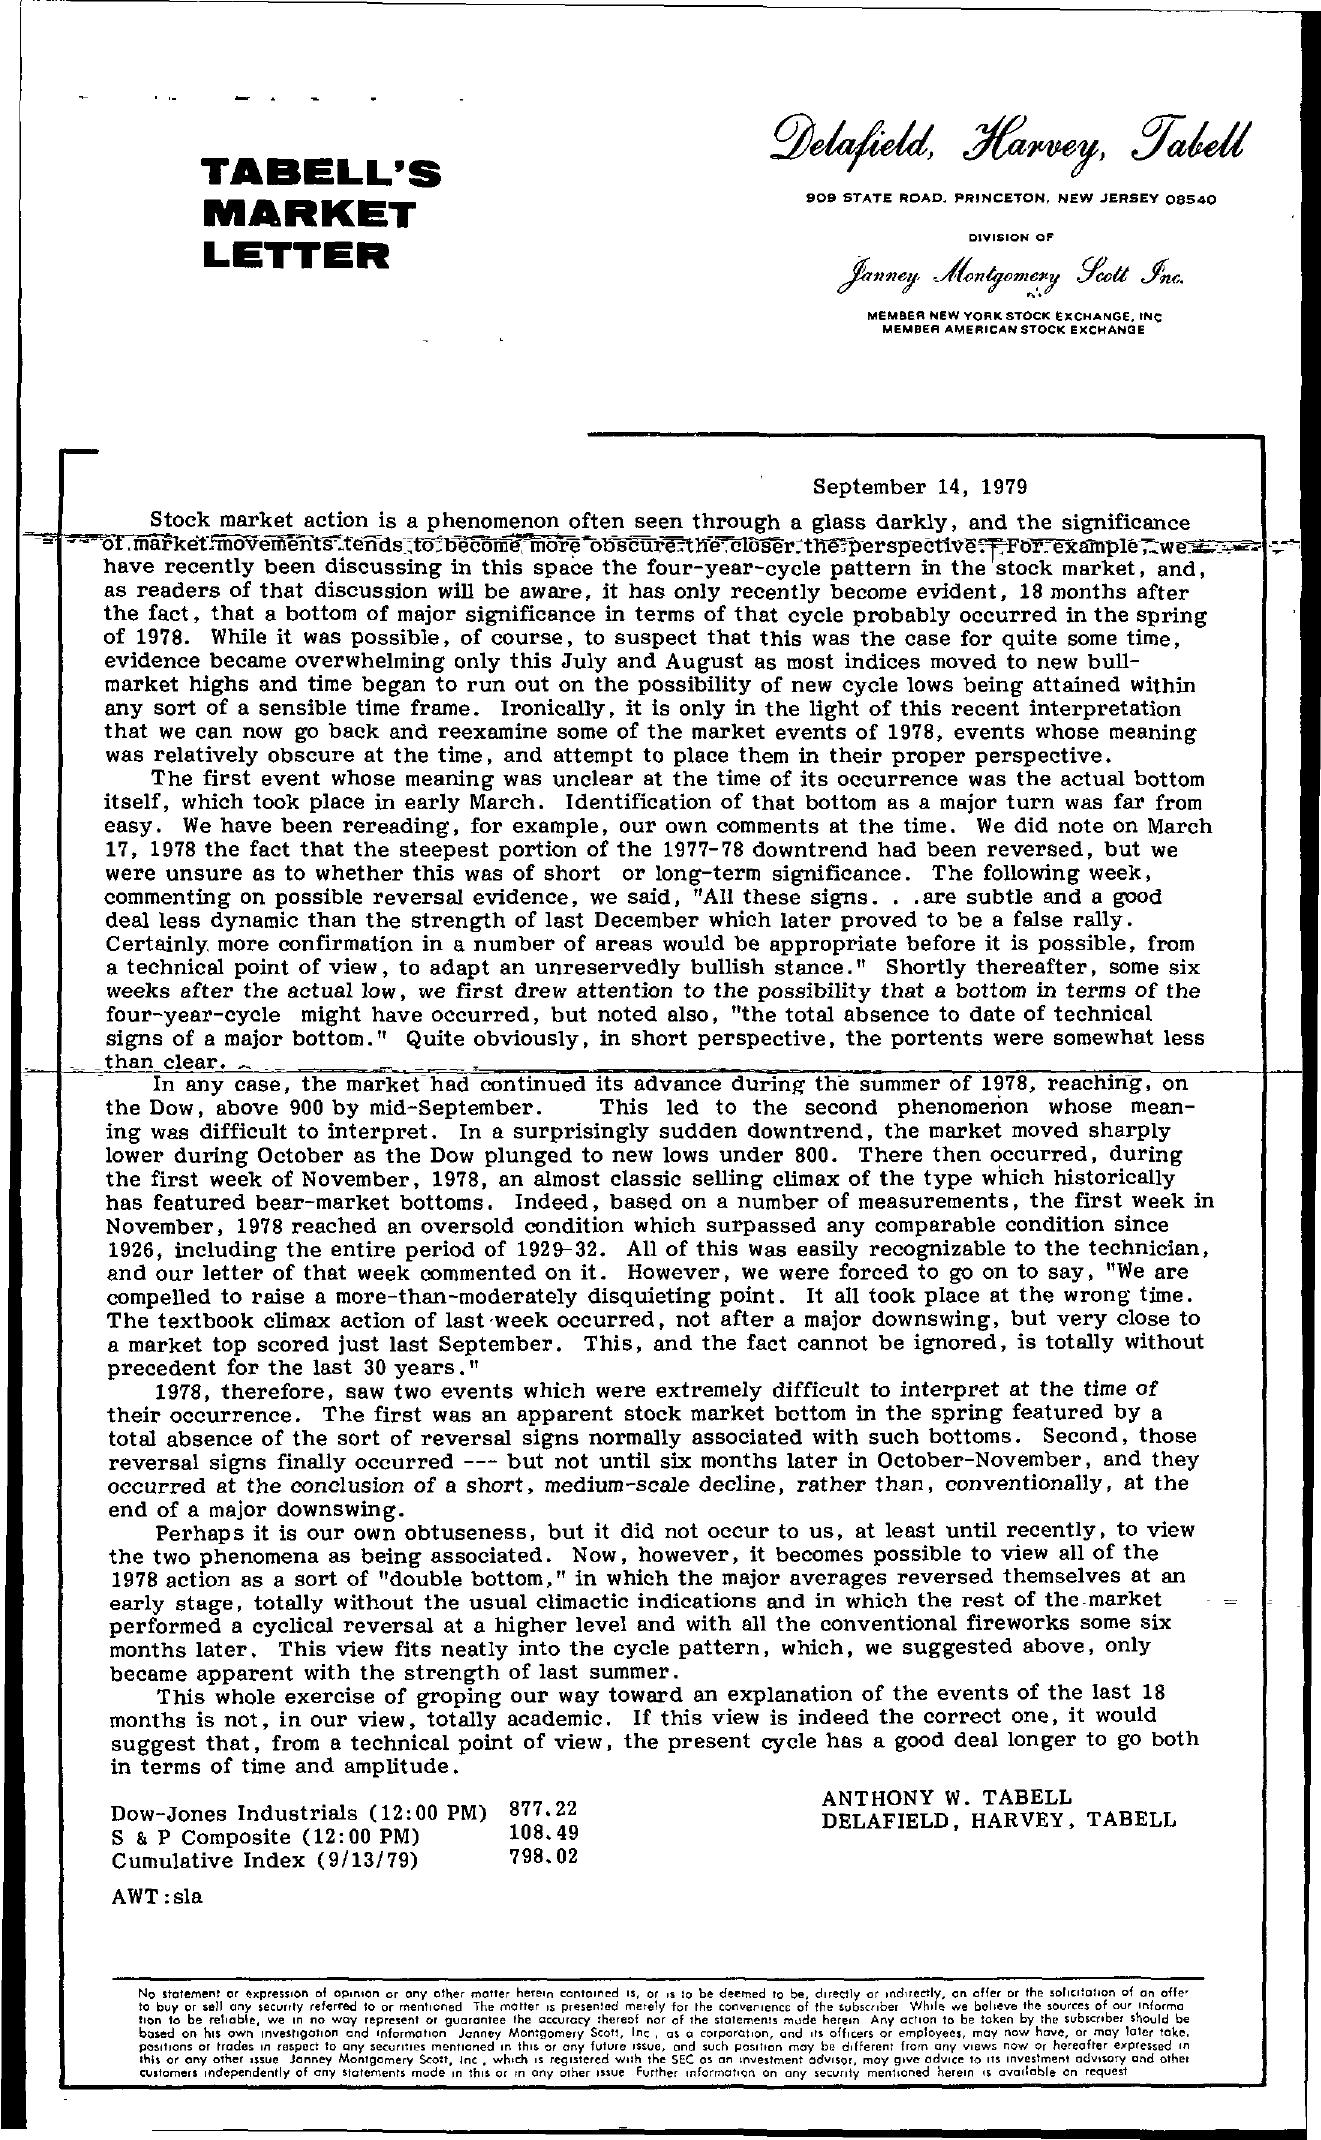 Tabell's Market Letter - September 14, 1979